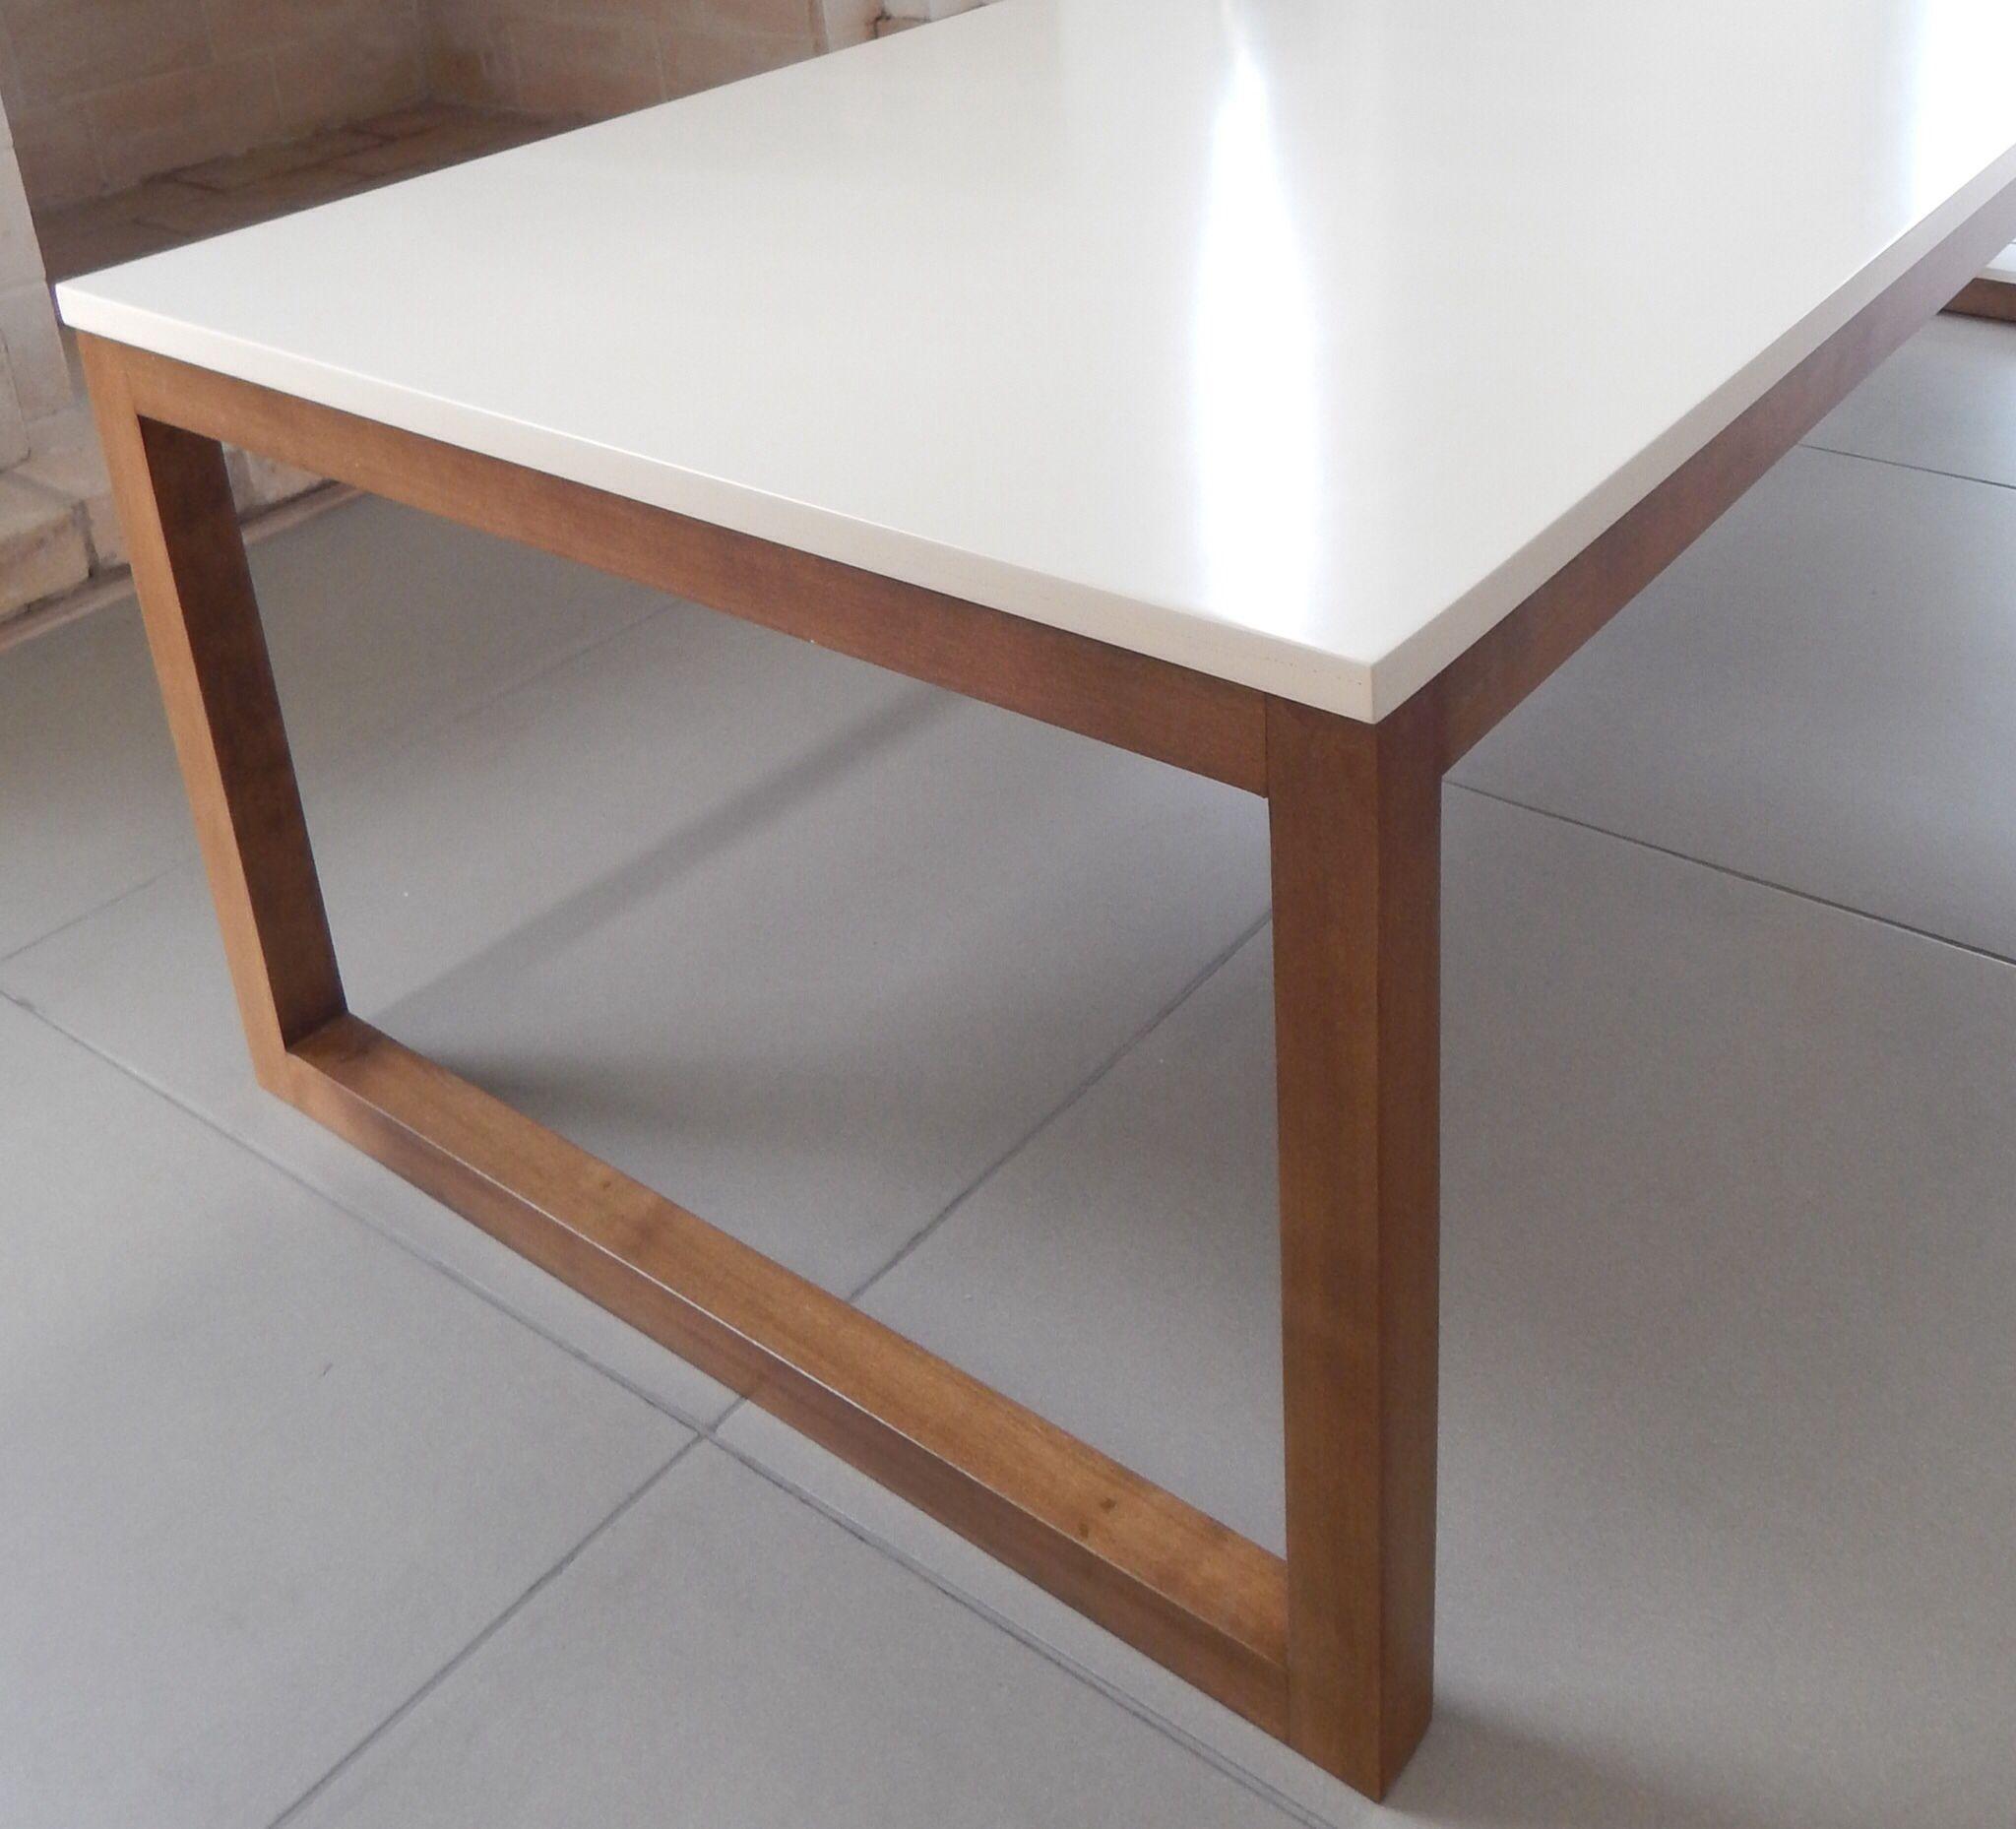 Mesa con tapa laqueada beige y patas en madera. CONTACTO Facebook ...